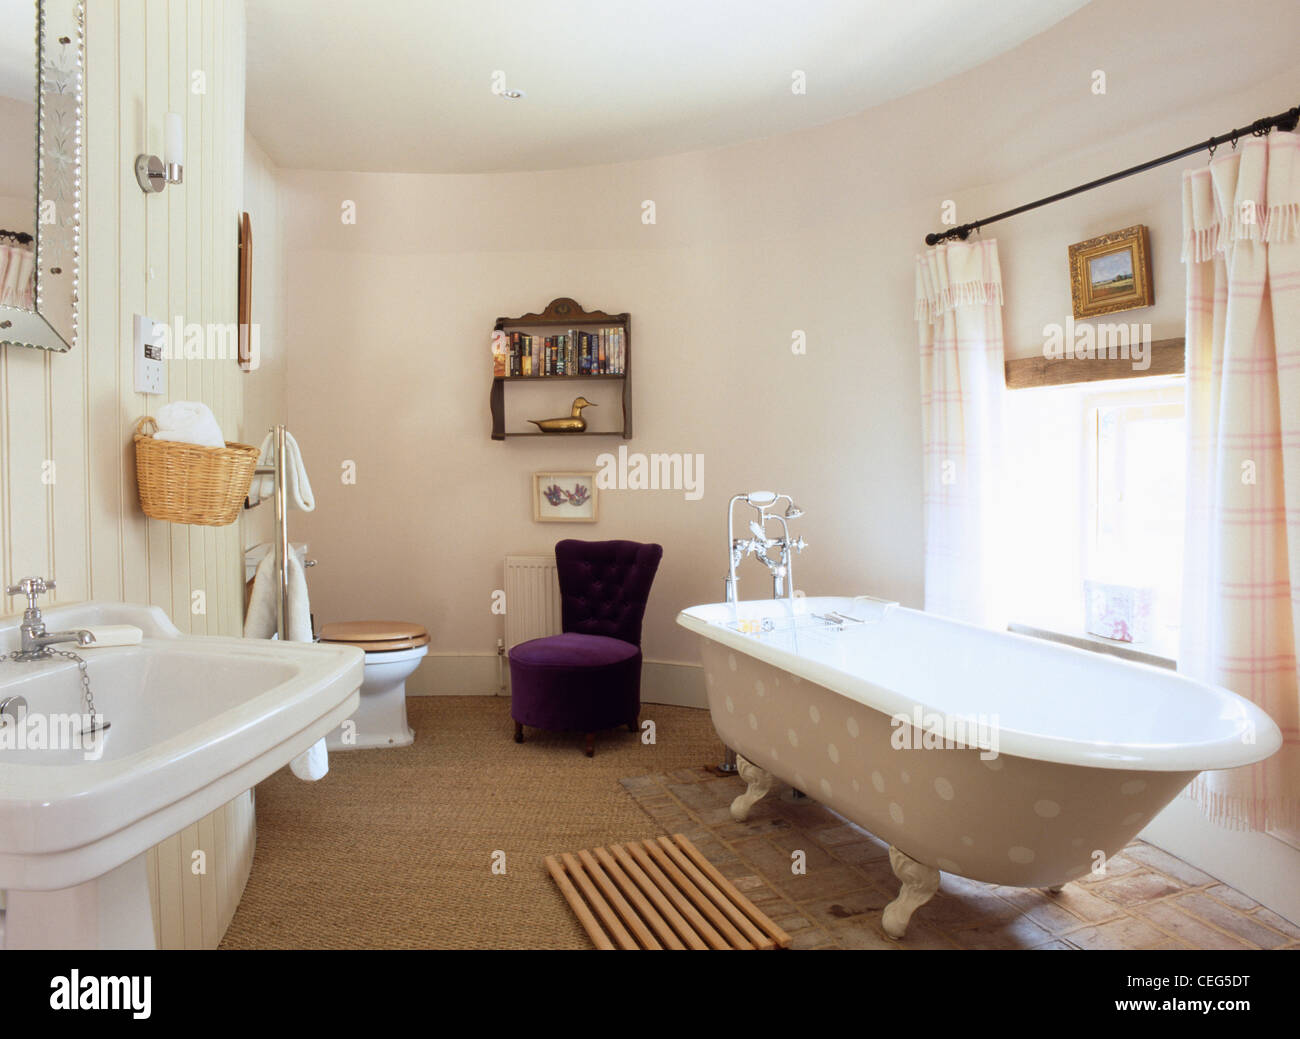 Bagno Beige E Bianco : Maculato beige claw piede bagno in bianco convertito oast house